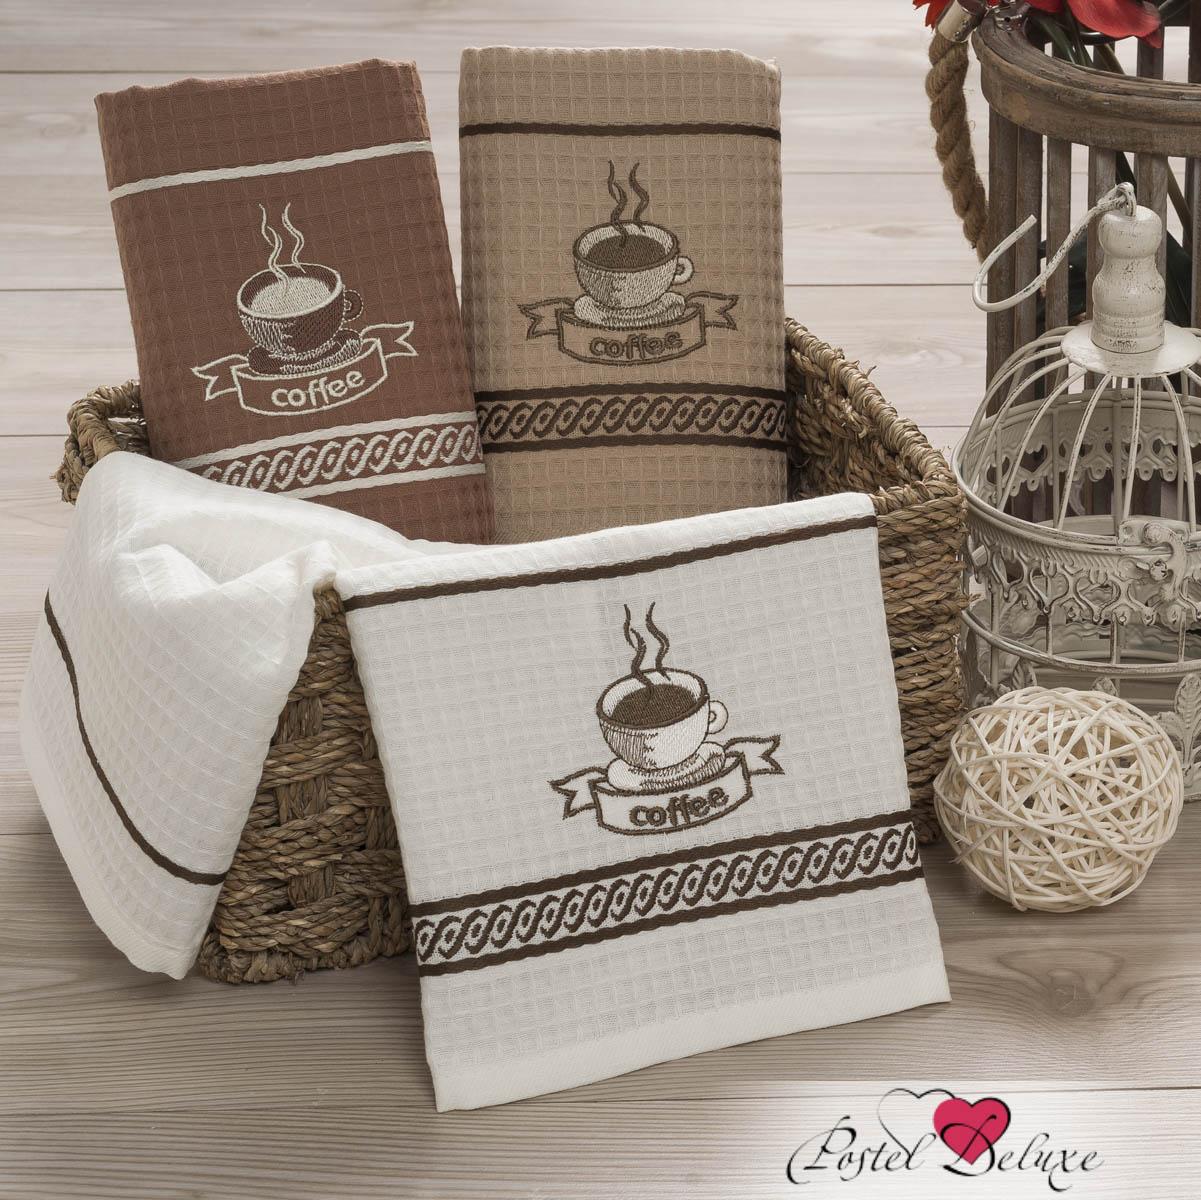 Кухонный набор KarnaКухонные наборы<br>Производитель: Karna<br>Страна производства: Турция<br>Материал: Вафля (100% Хлопок)<br>Размер: 40х60 см - 12 шт<br>Плотность: 250 г/м2<br>Особенности: Комплект украшен изящной вышивкой.<br>Упаковка: Полиэтиленовый пакет<br>Внимание! В набор входят полотенца трех разных цветов с вышивкой по 4 шт.<br><br>Тип: кухонный набор<br>Размерность комплекта: None<br>Материал: Вафля<br>Размер наволочки: None<br>Подарочная упаковка: None<br>Для детей: нет<br>Ткань: Вафля<br>Цвет: None